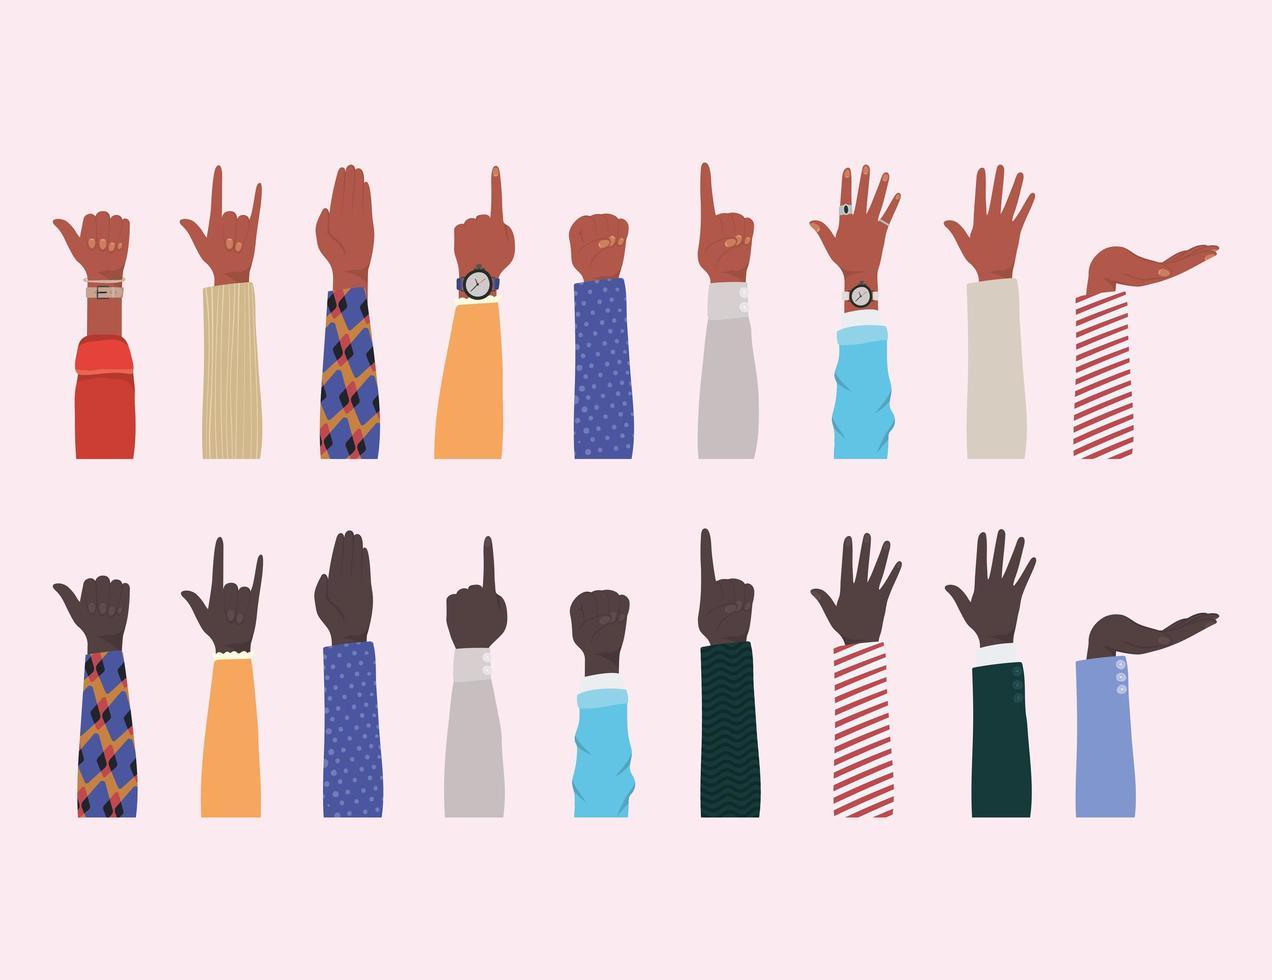 Hände hoch von verschiedenen Arten von Skins Design vektor